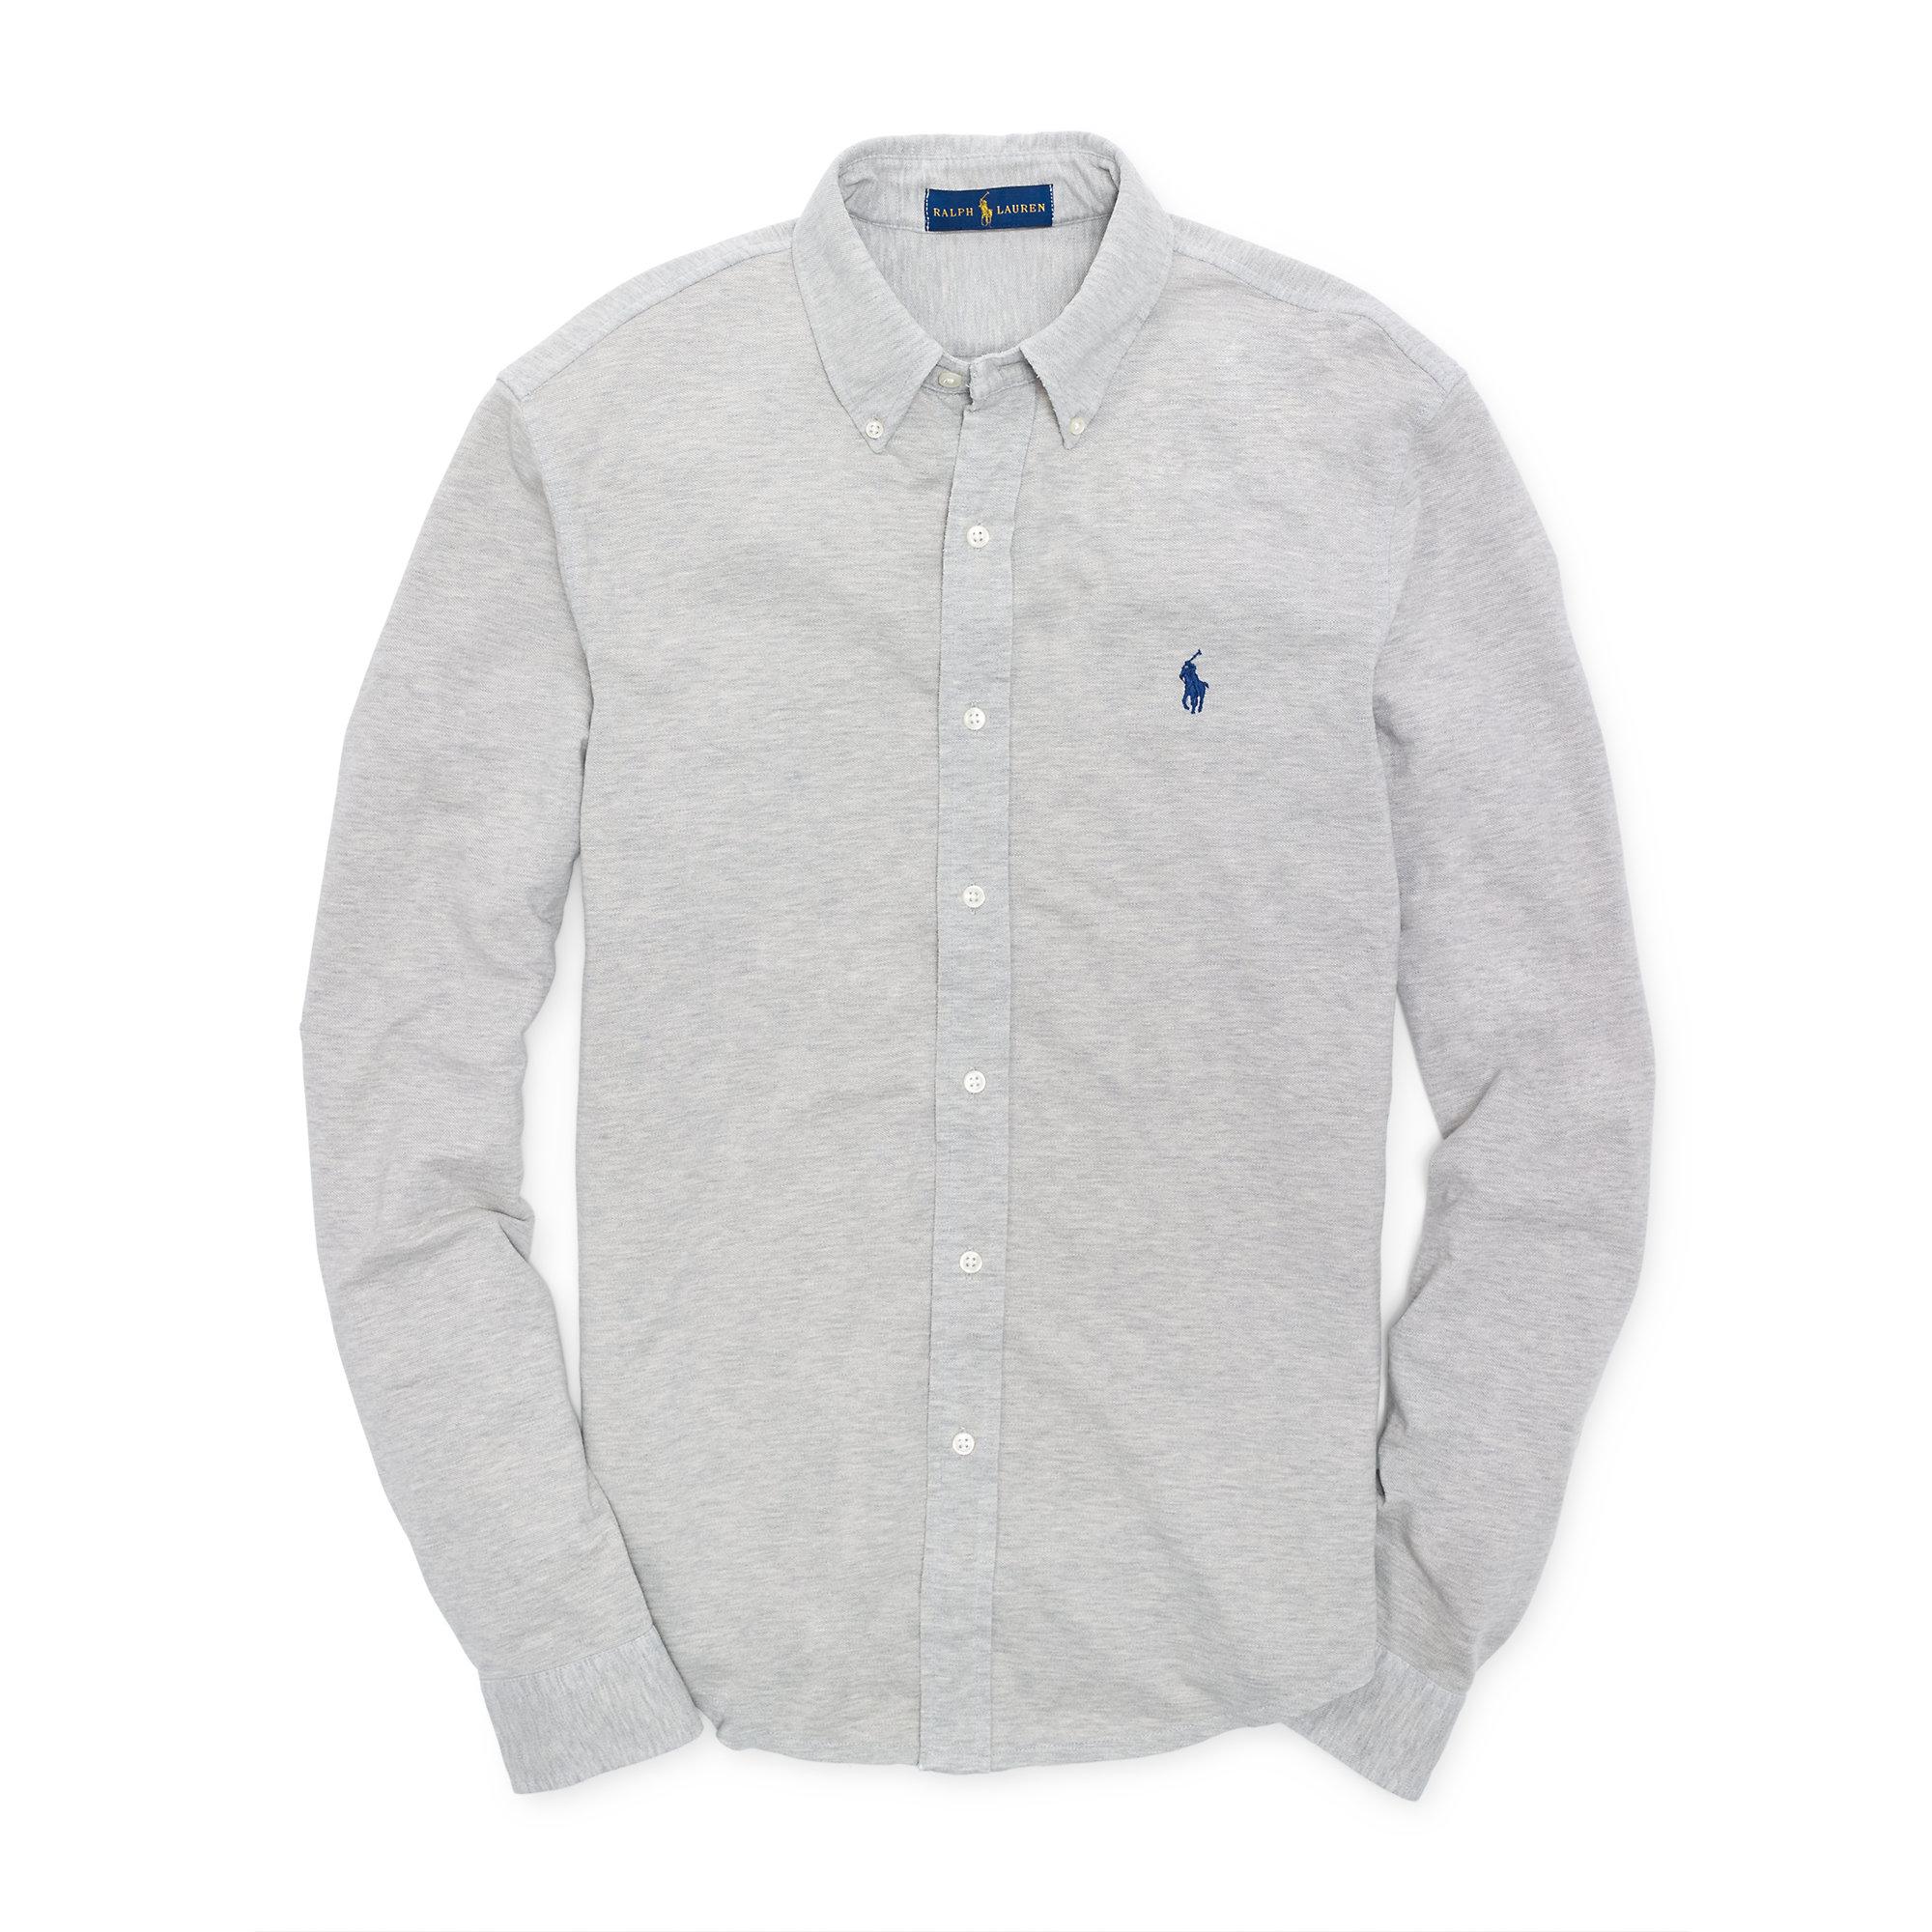 5c4839d388e Lyst - Polo Ralph Lauren Featherweight Mesh Shirt in Gray for Men